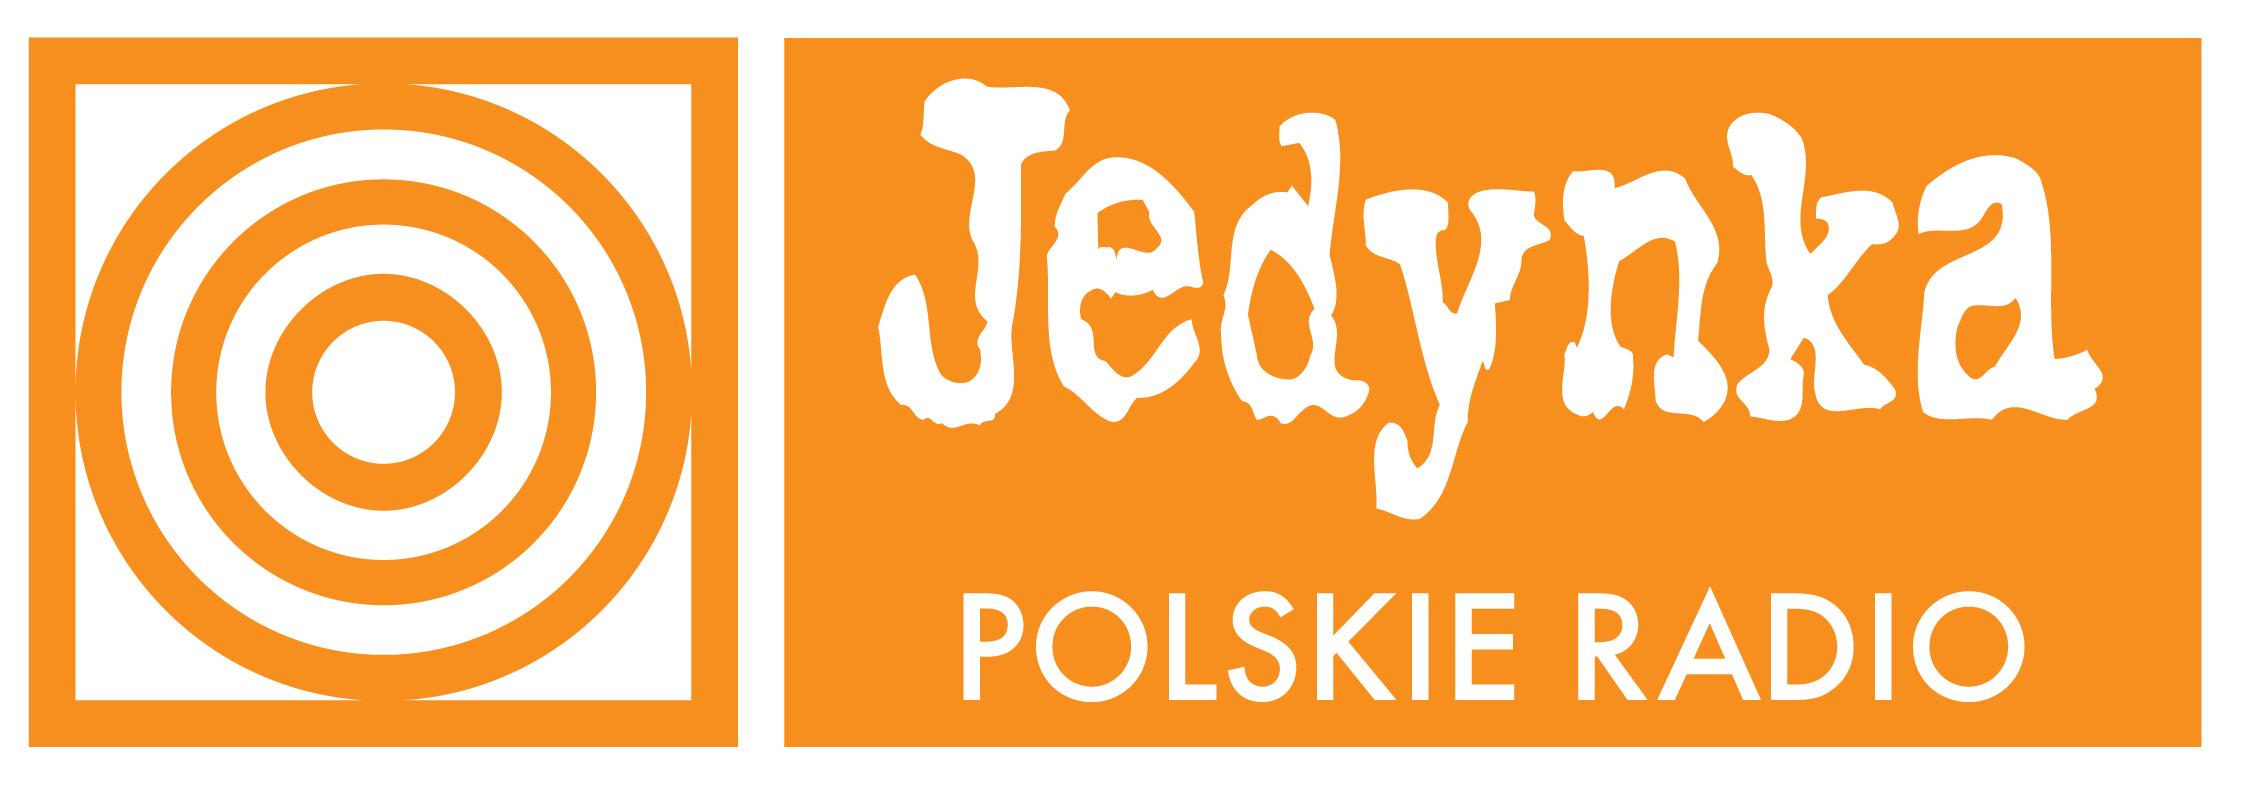 Michał Hajduk Polskie Radio 1